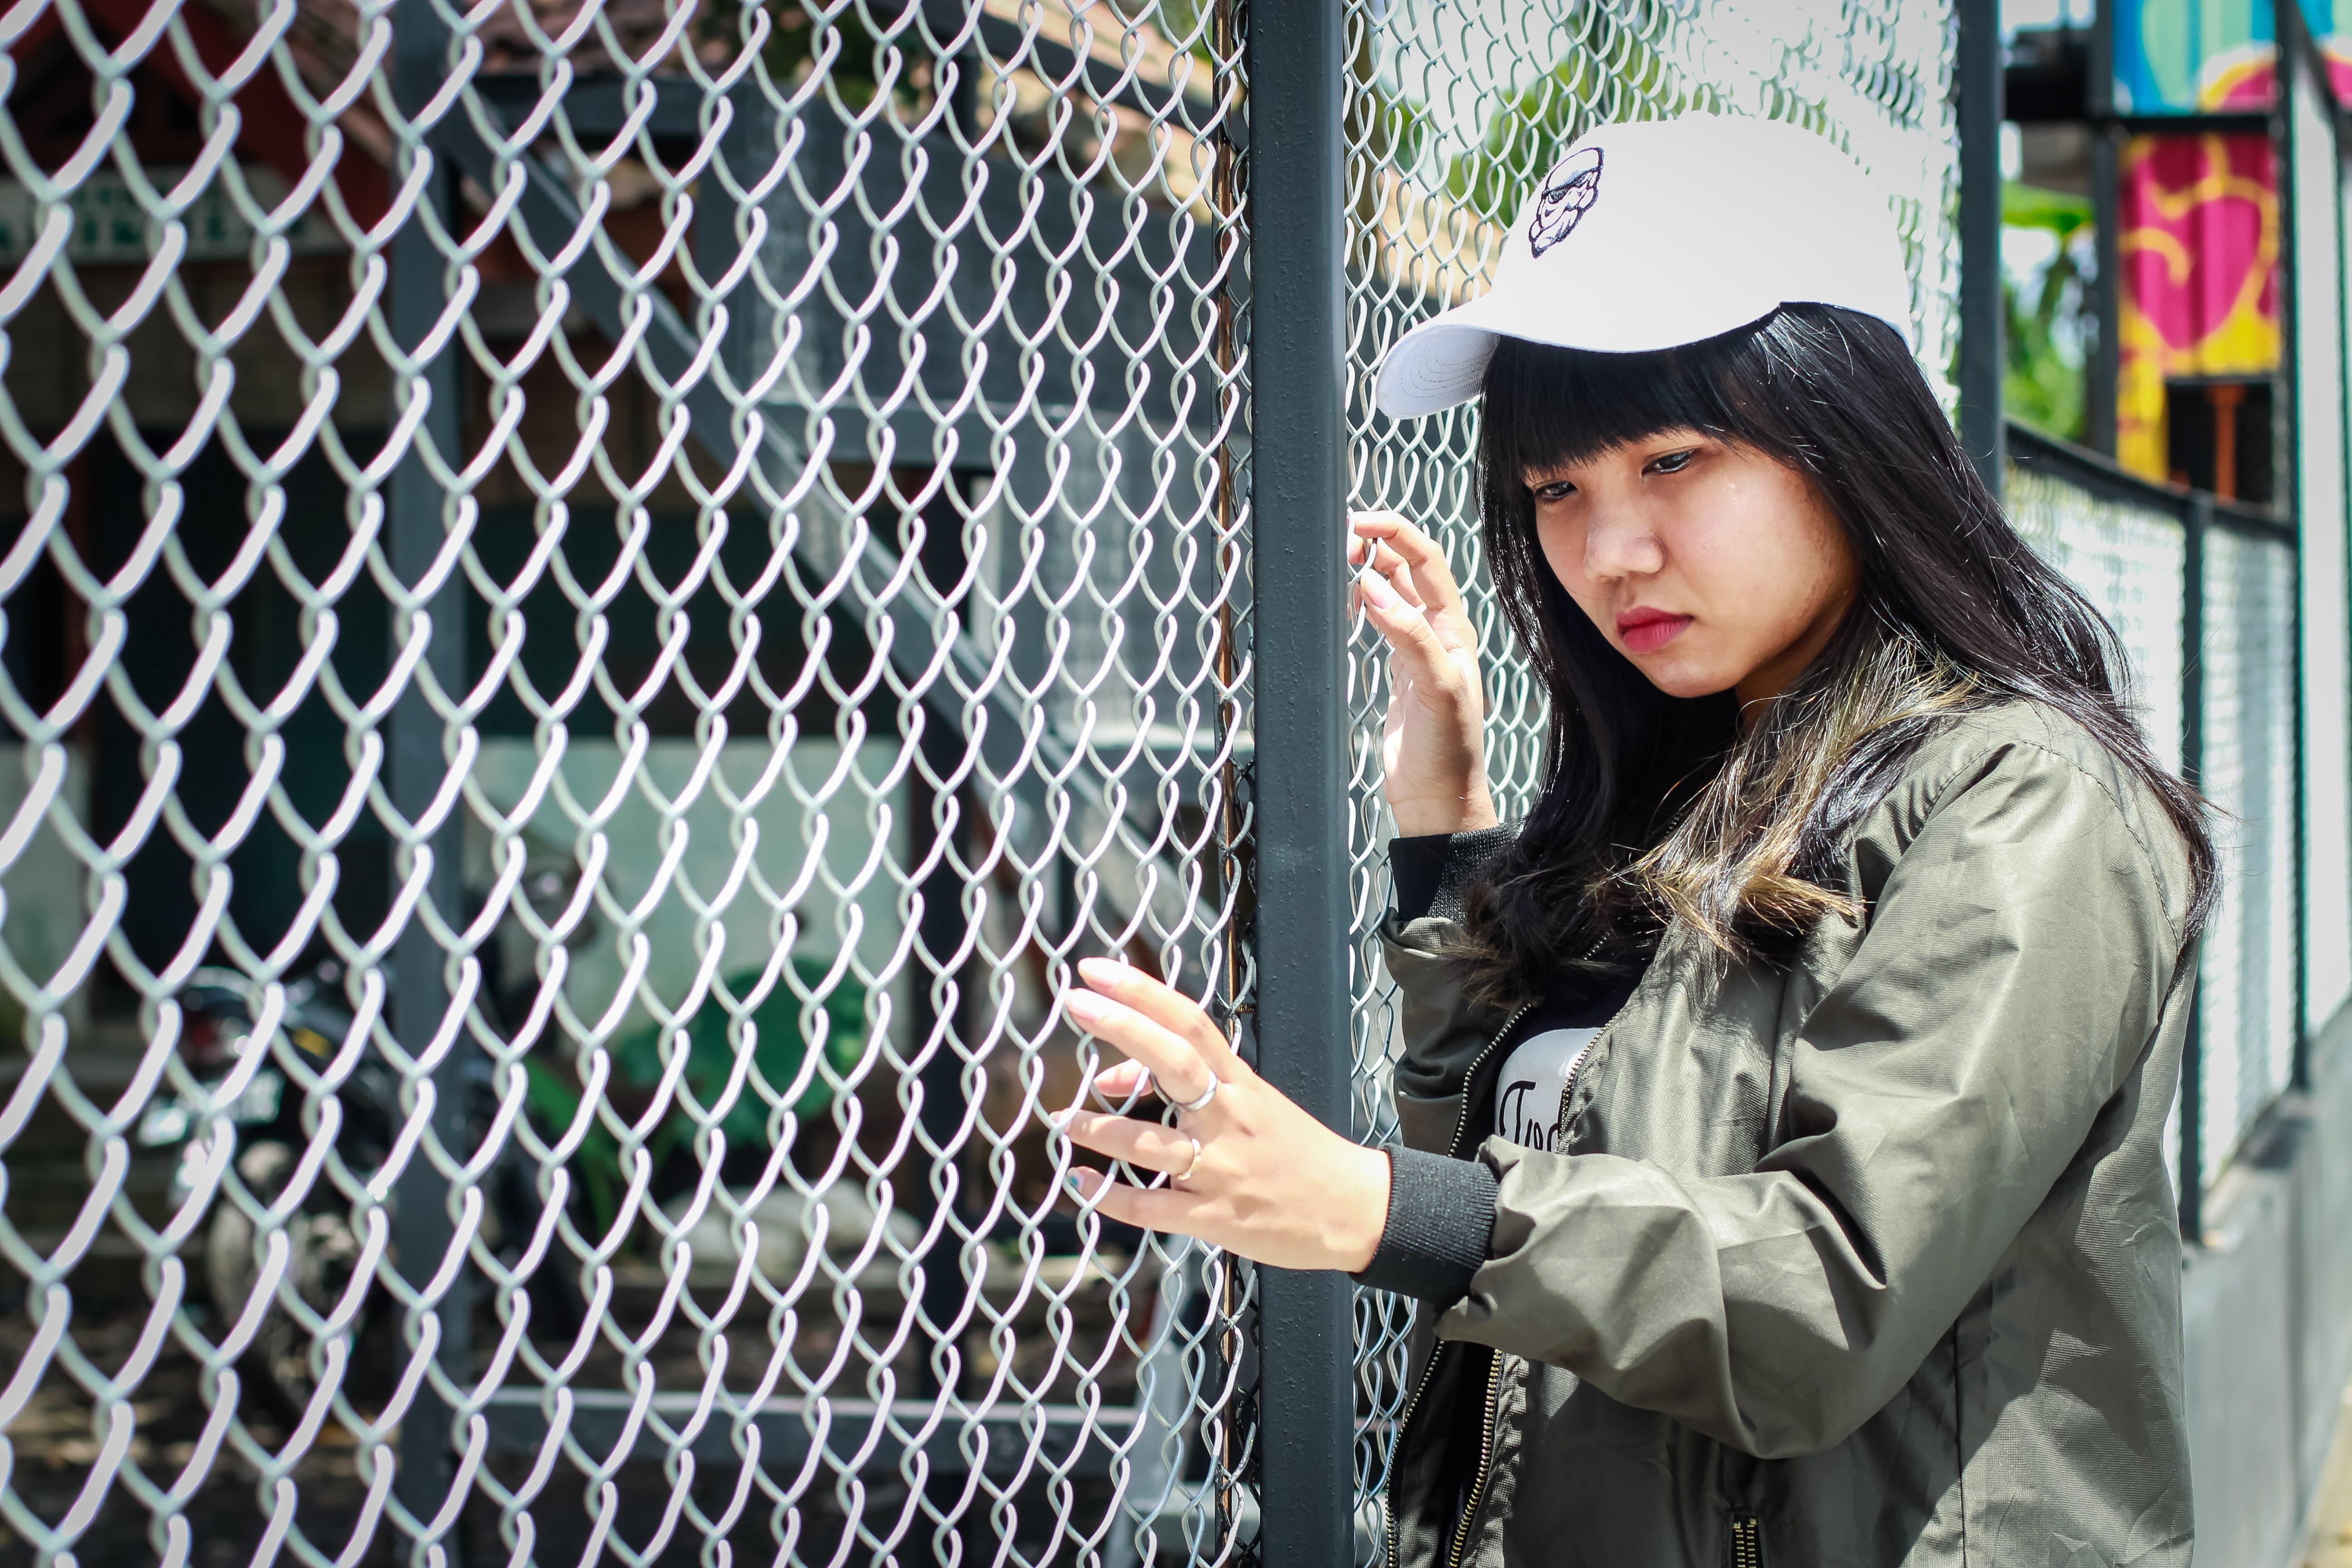 Gratis lagerfoto af asiatisk kvinde, Asiatisk pige, dagslys, fotosession